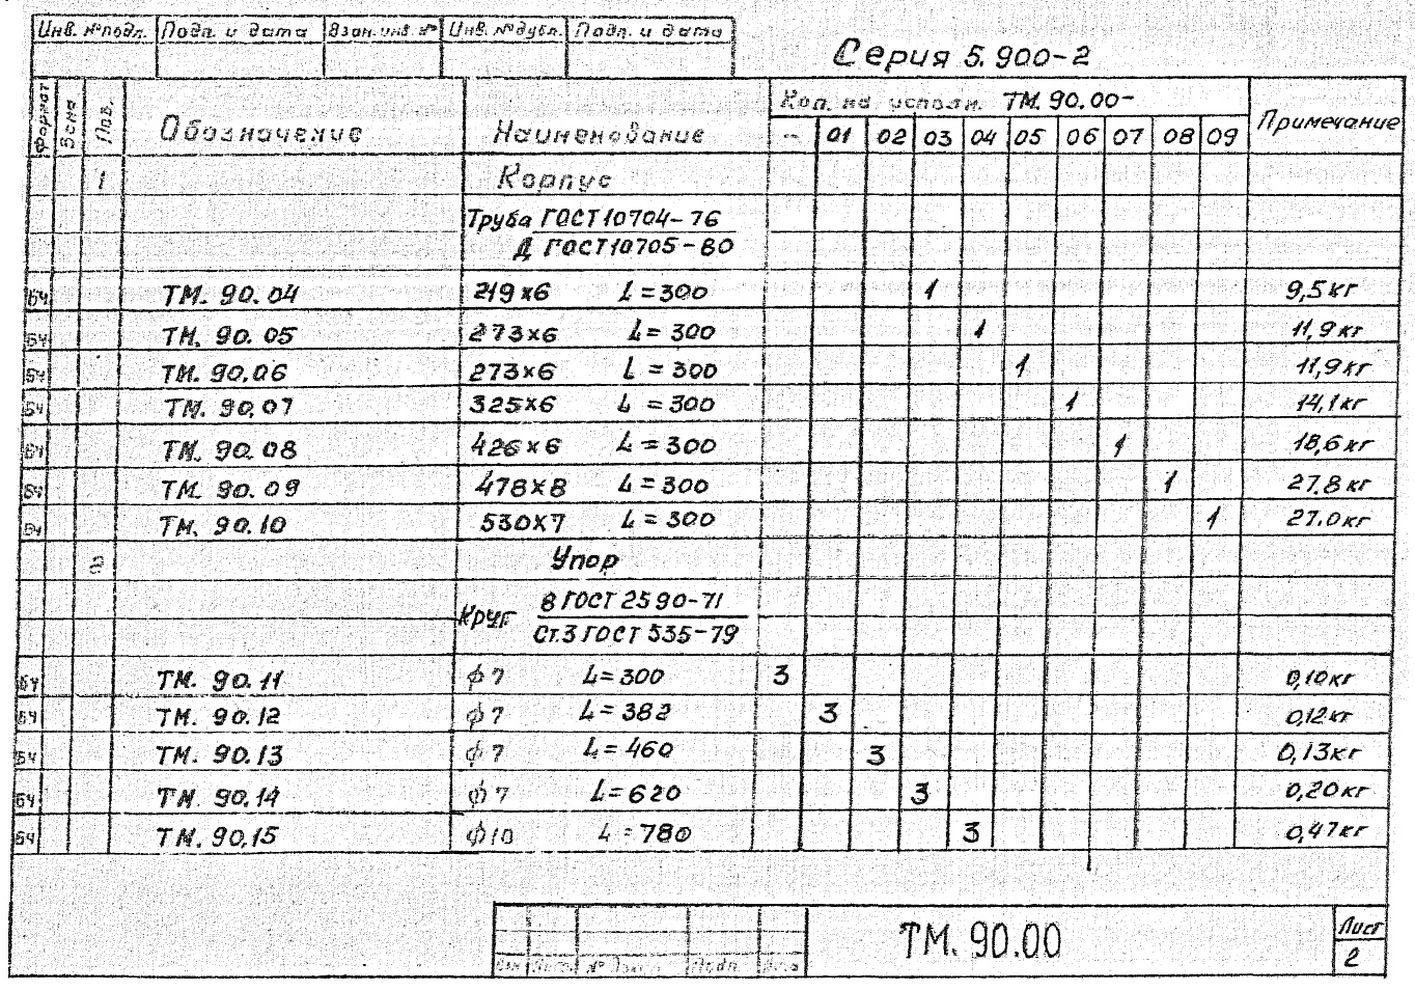 Сальники набивные ТМ.90.00 серия 5.900-2 стр.3